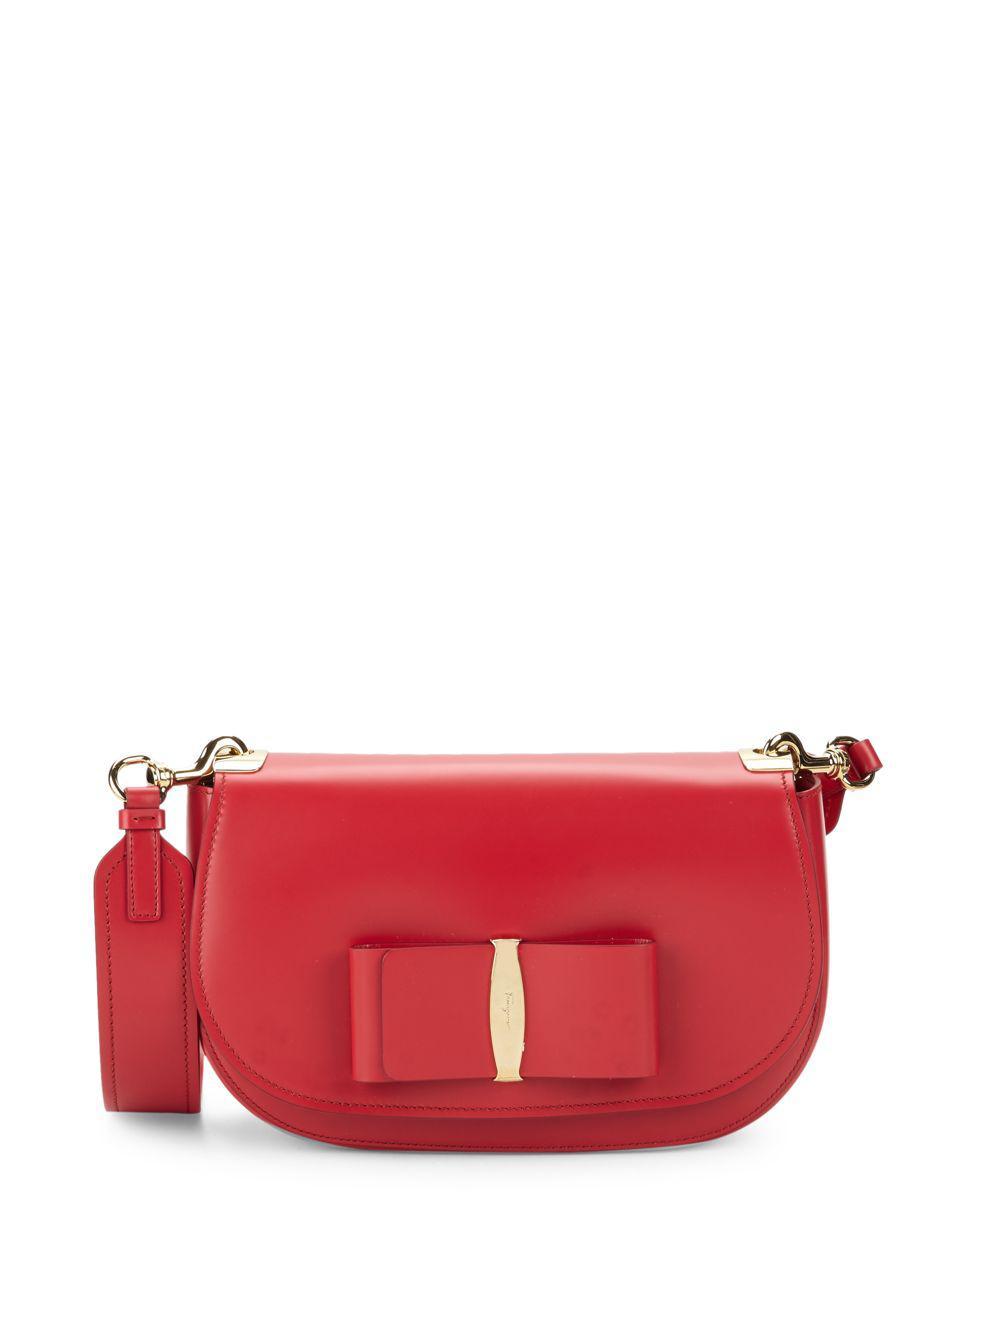 Lyst - Ferragamo Small Vara Leather Crossbody Bag in Red 289ecb71b8e13